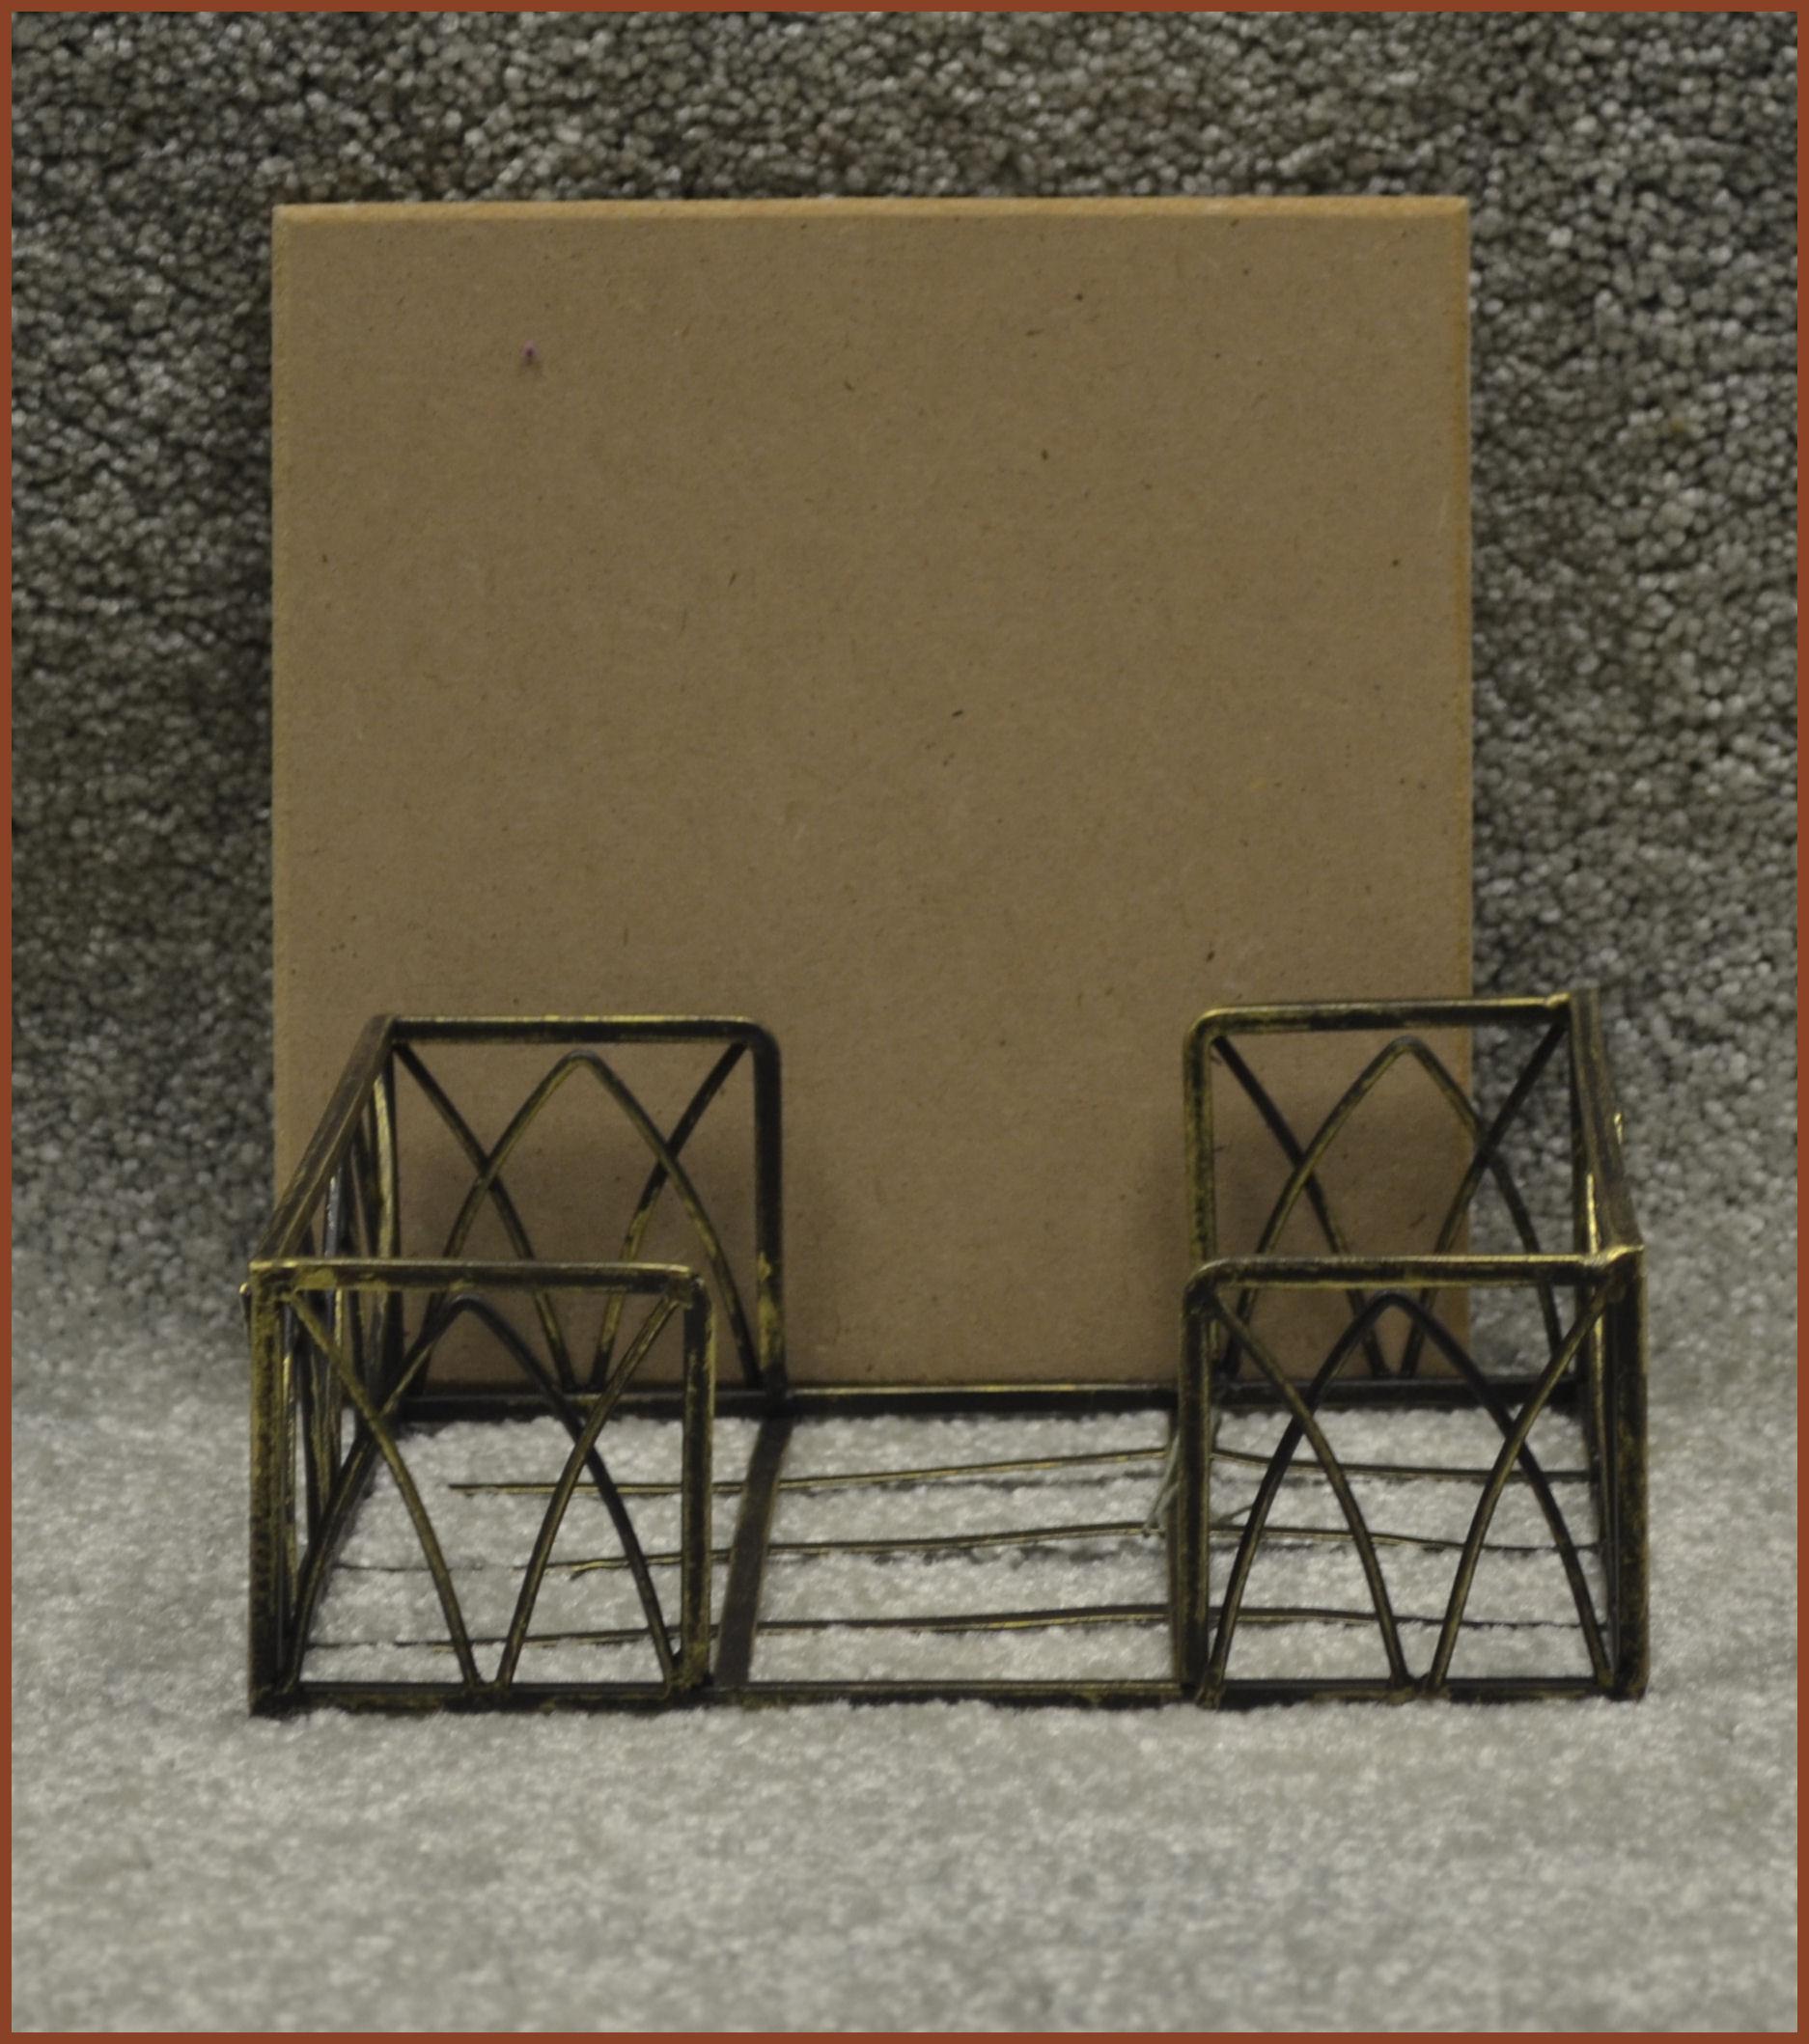 basket-arch-napkin-holder-1923998.jpg